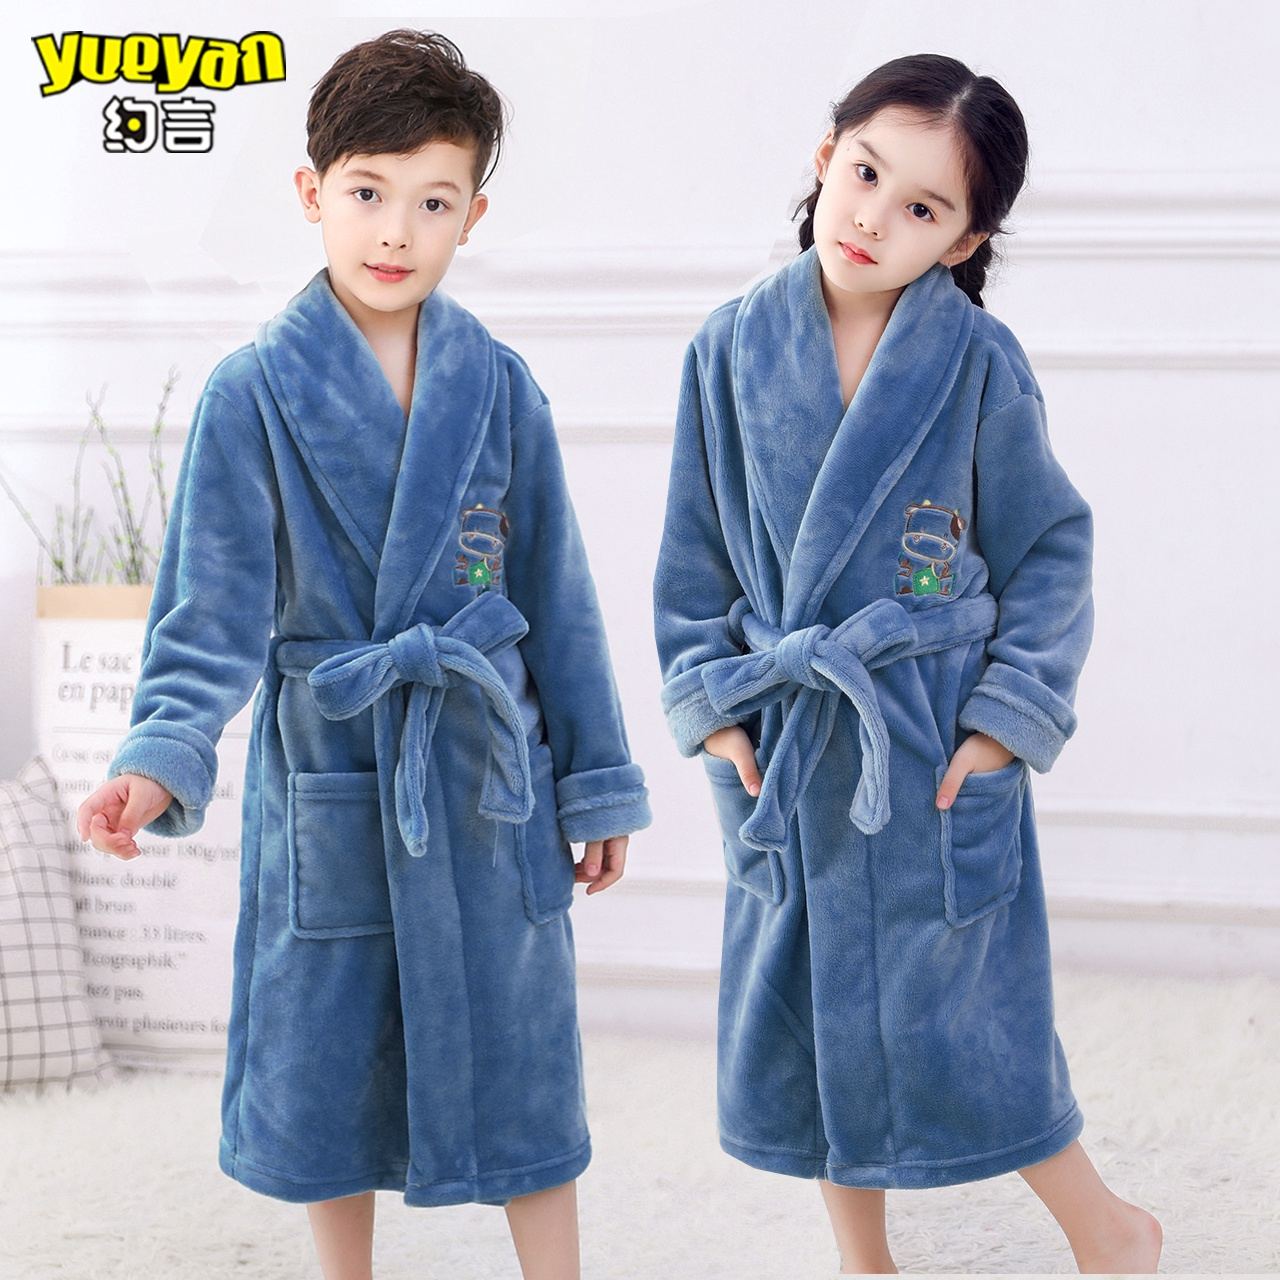 珊瑚睡衣睡袍儿童加厚法兰绒中大童男童绒女童浴袍童装冬季家居服